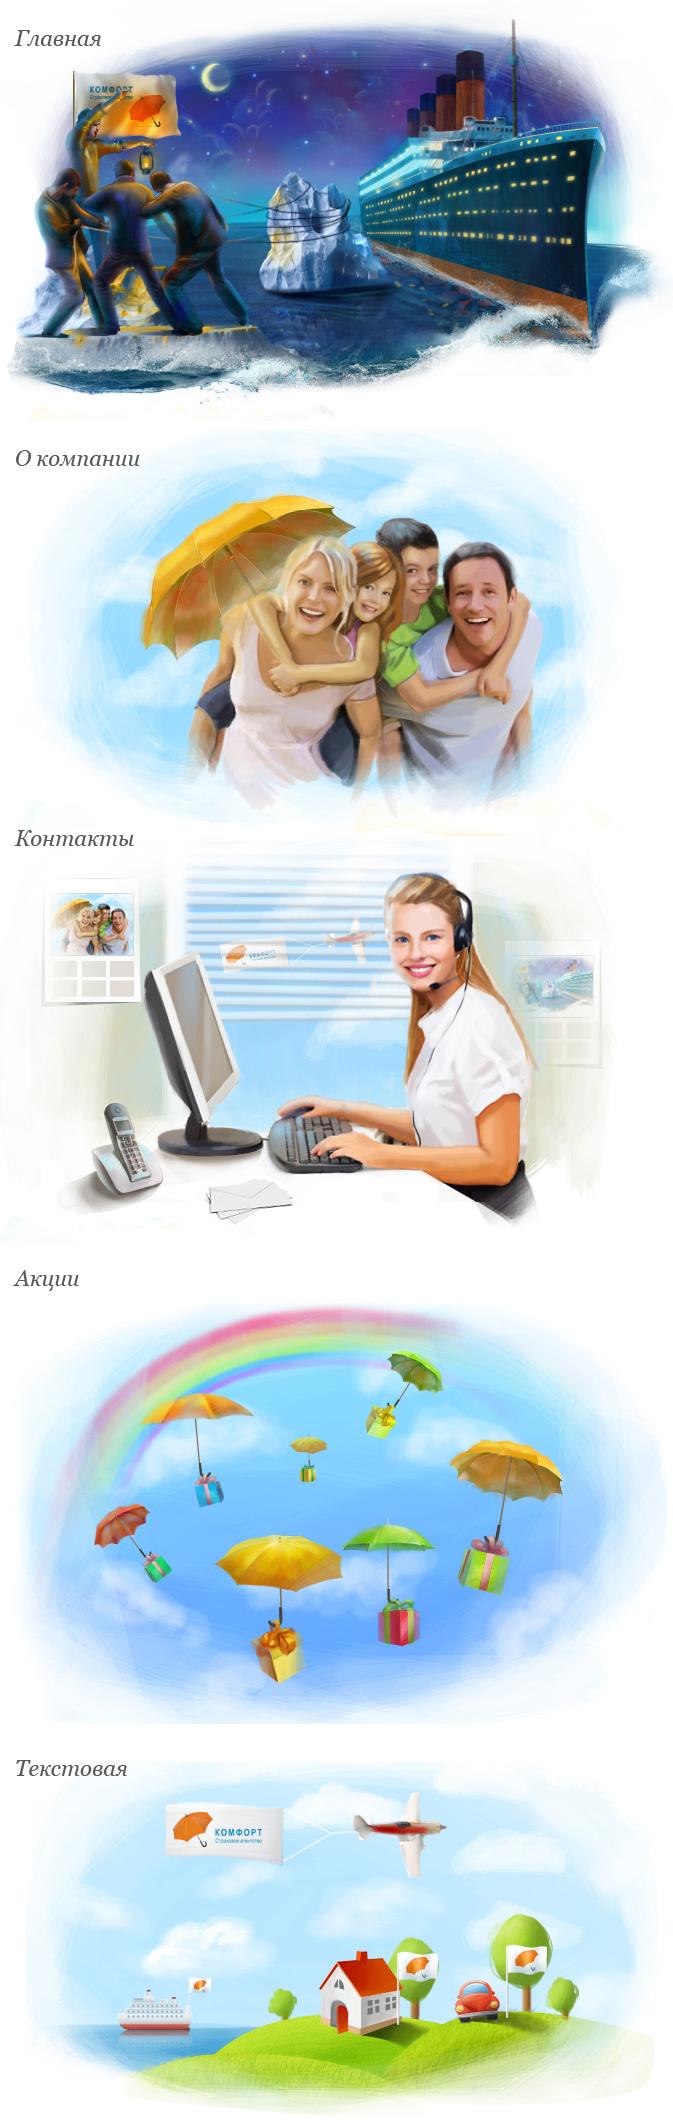 Иллюстрации для сайта страховой компании